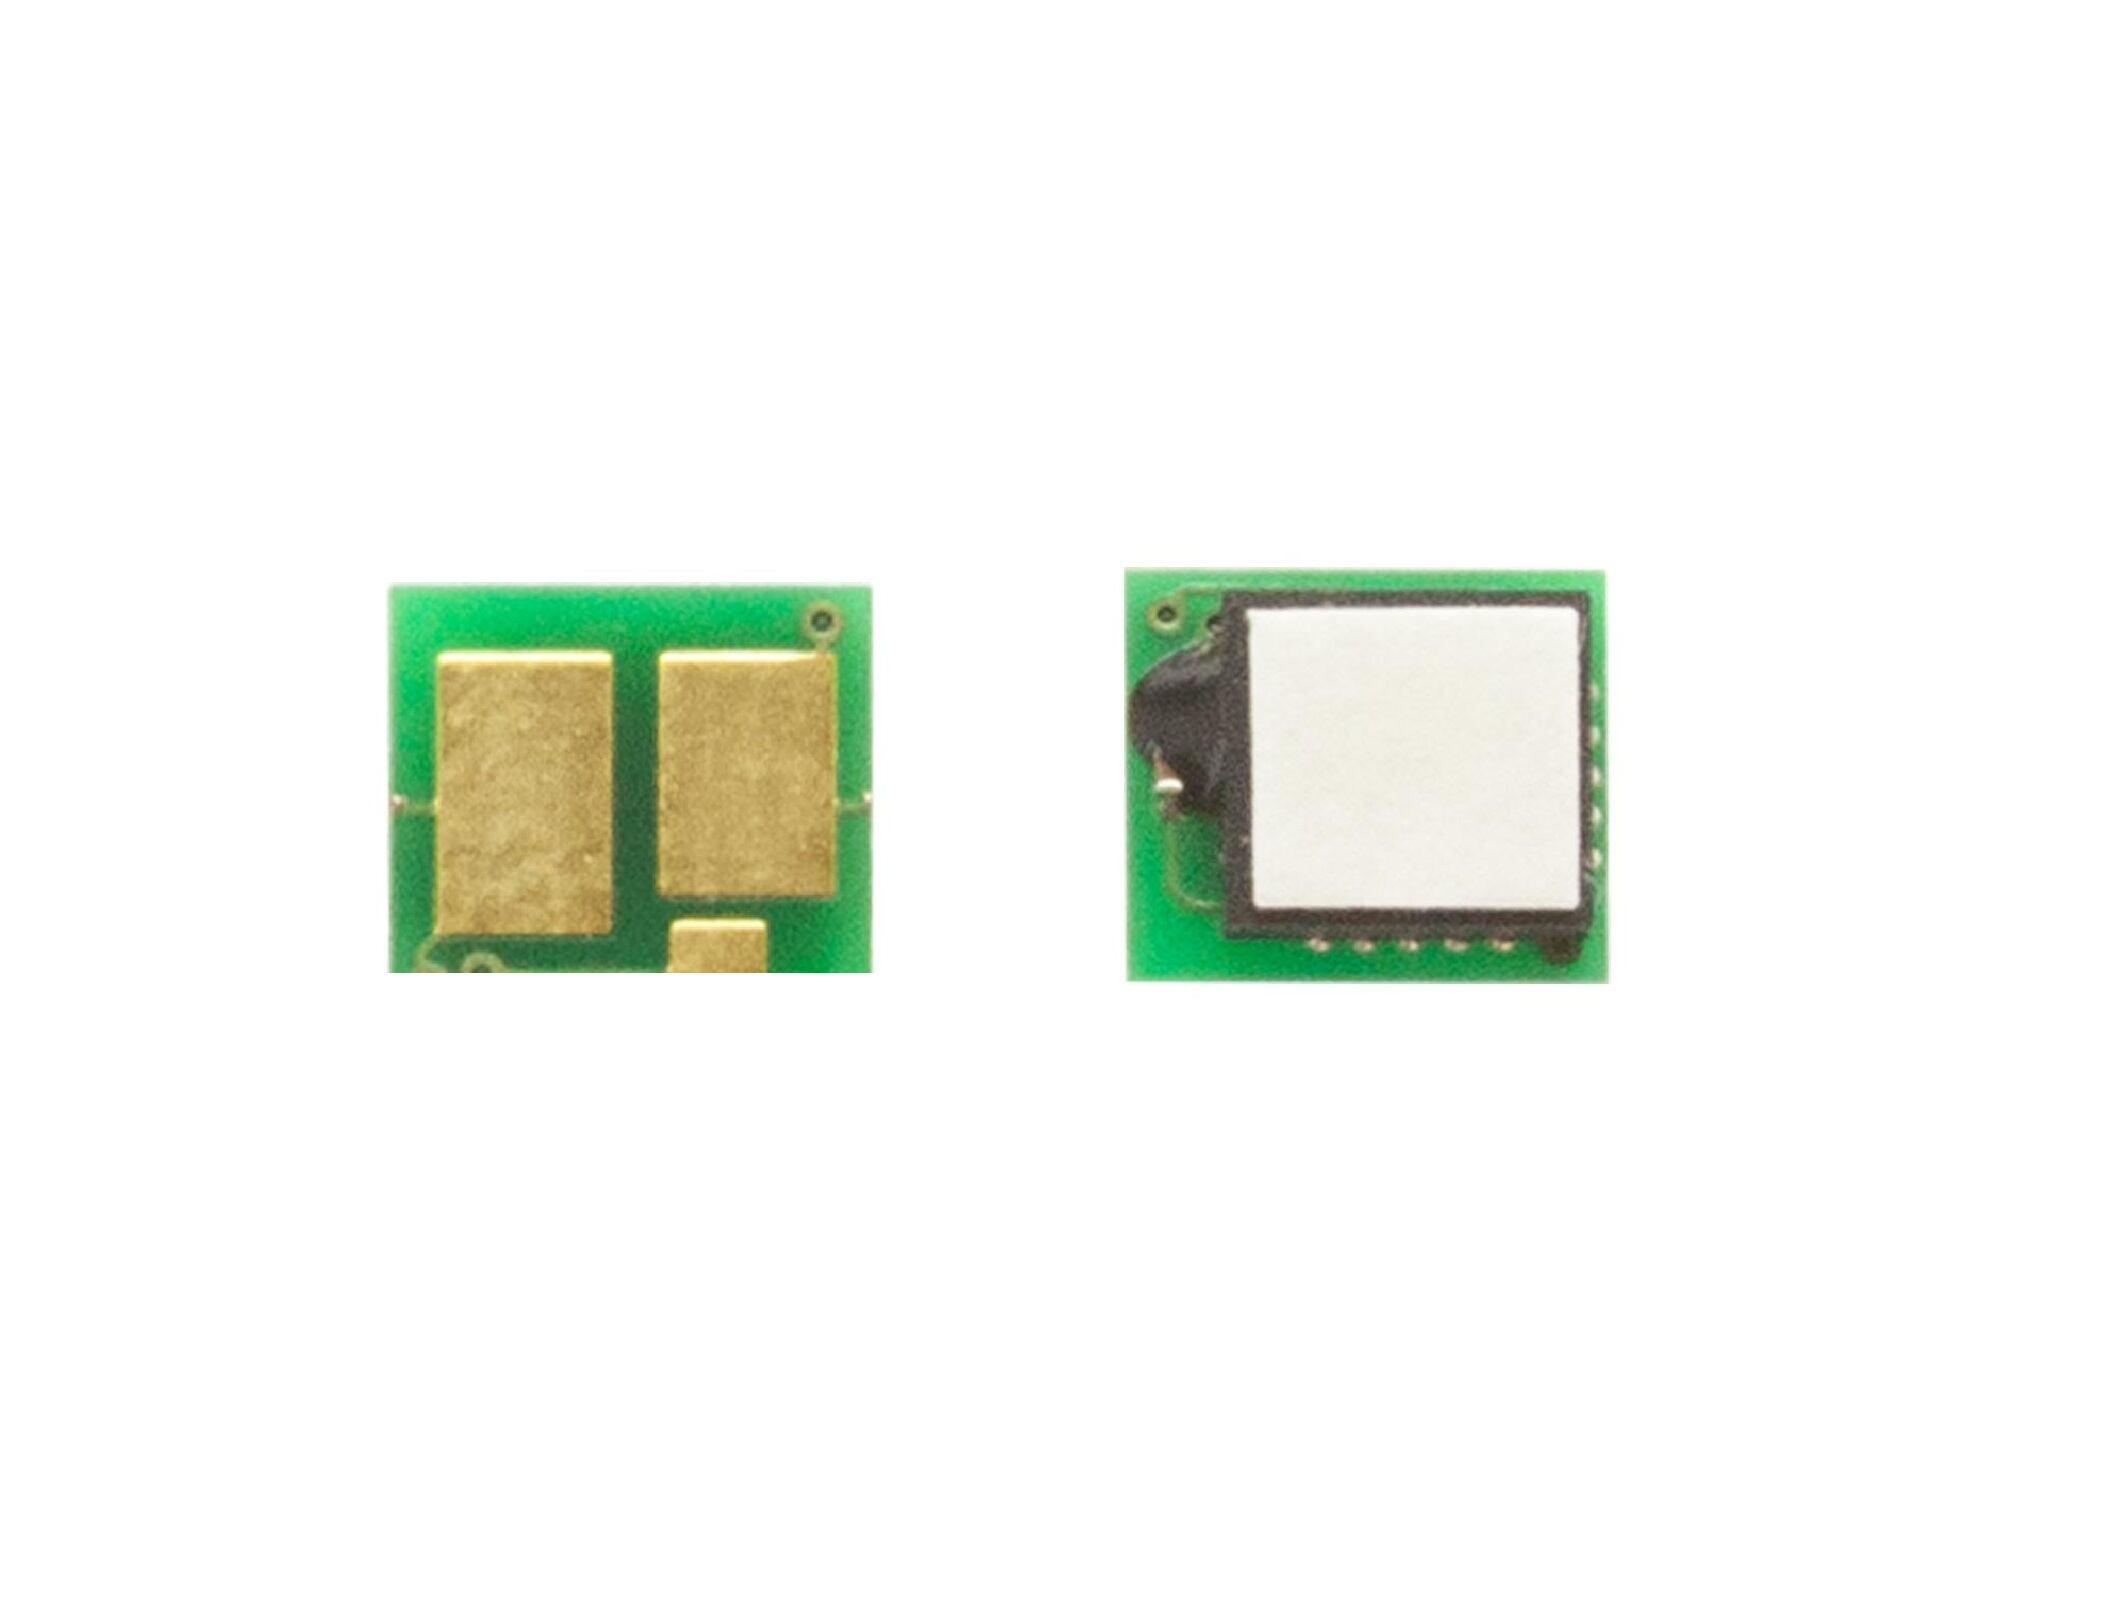 chip-fotobarabana-basf-dlja-hp-lj-pro-m106w-m134a-m134nw-9000-kopij-black-basf-ch-cf234a